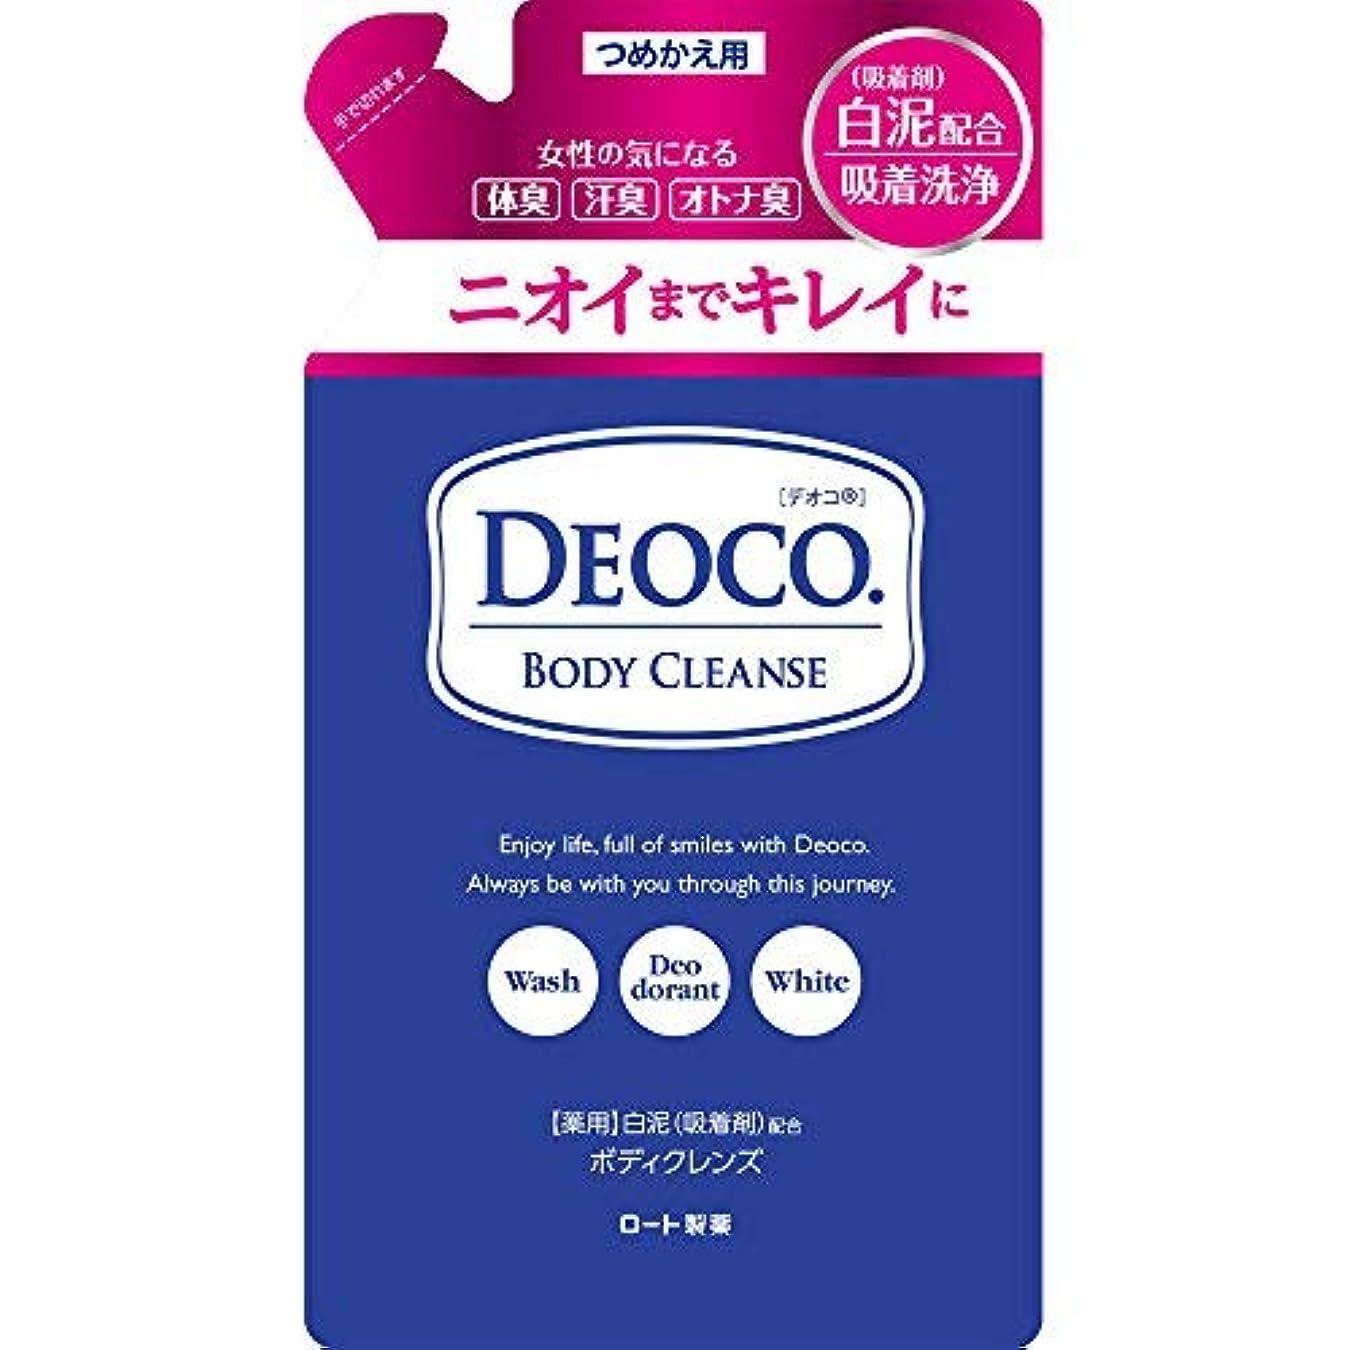 分析ただやるリア王ロート製薬 デオコ DEOCO 薬用 ボディクレンズ 詰め替え 250ml × 5個セット